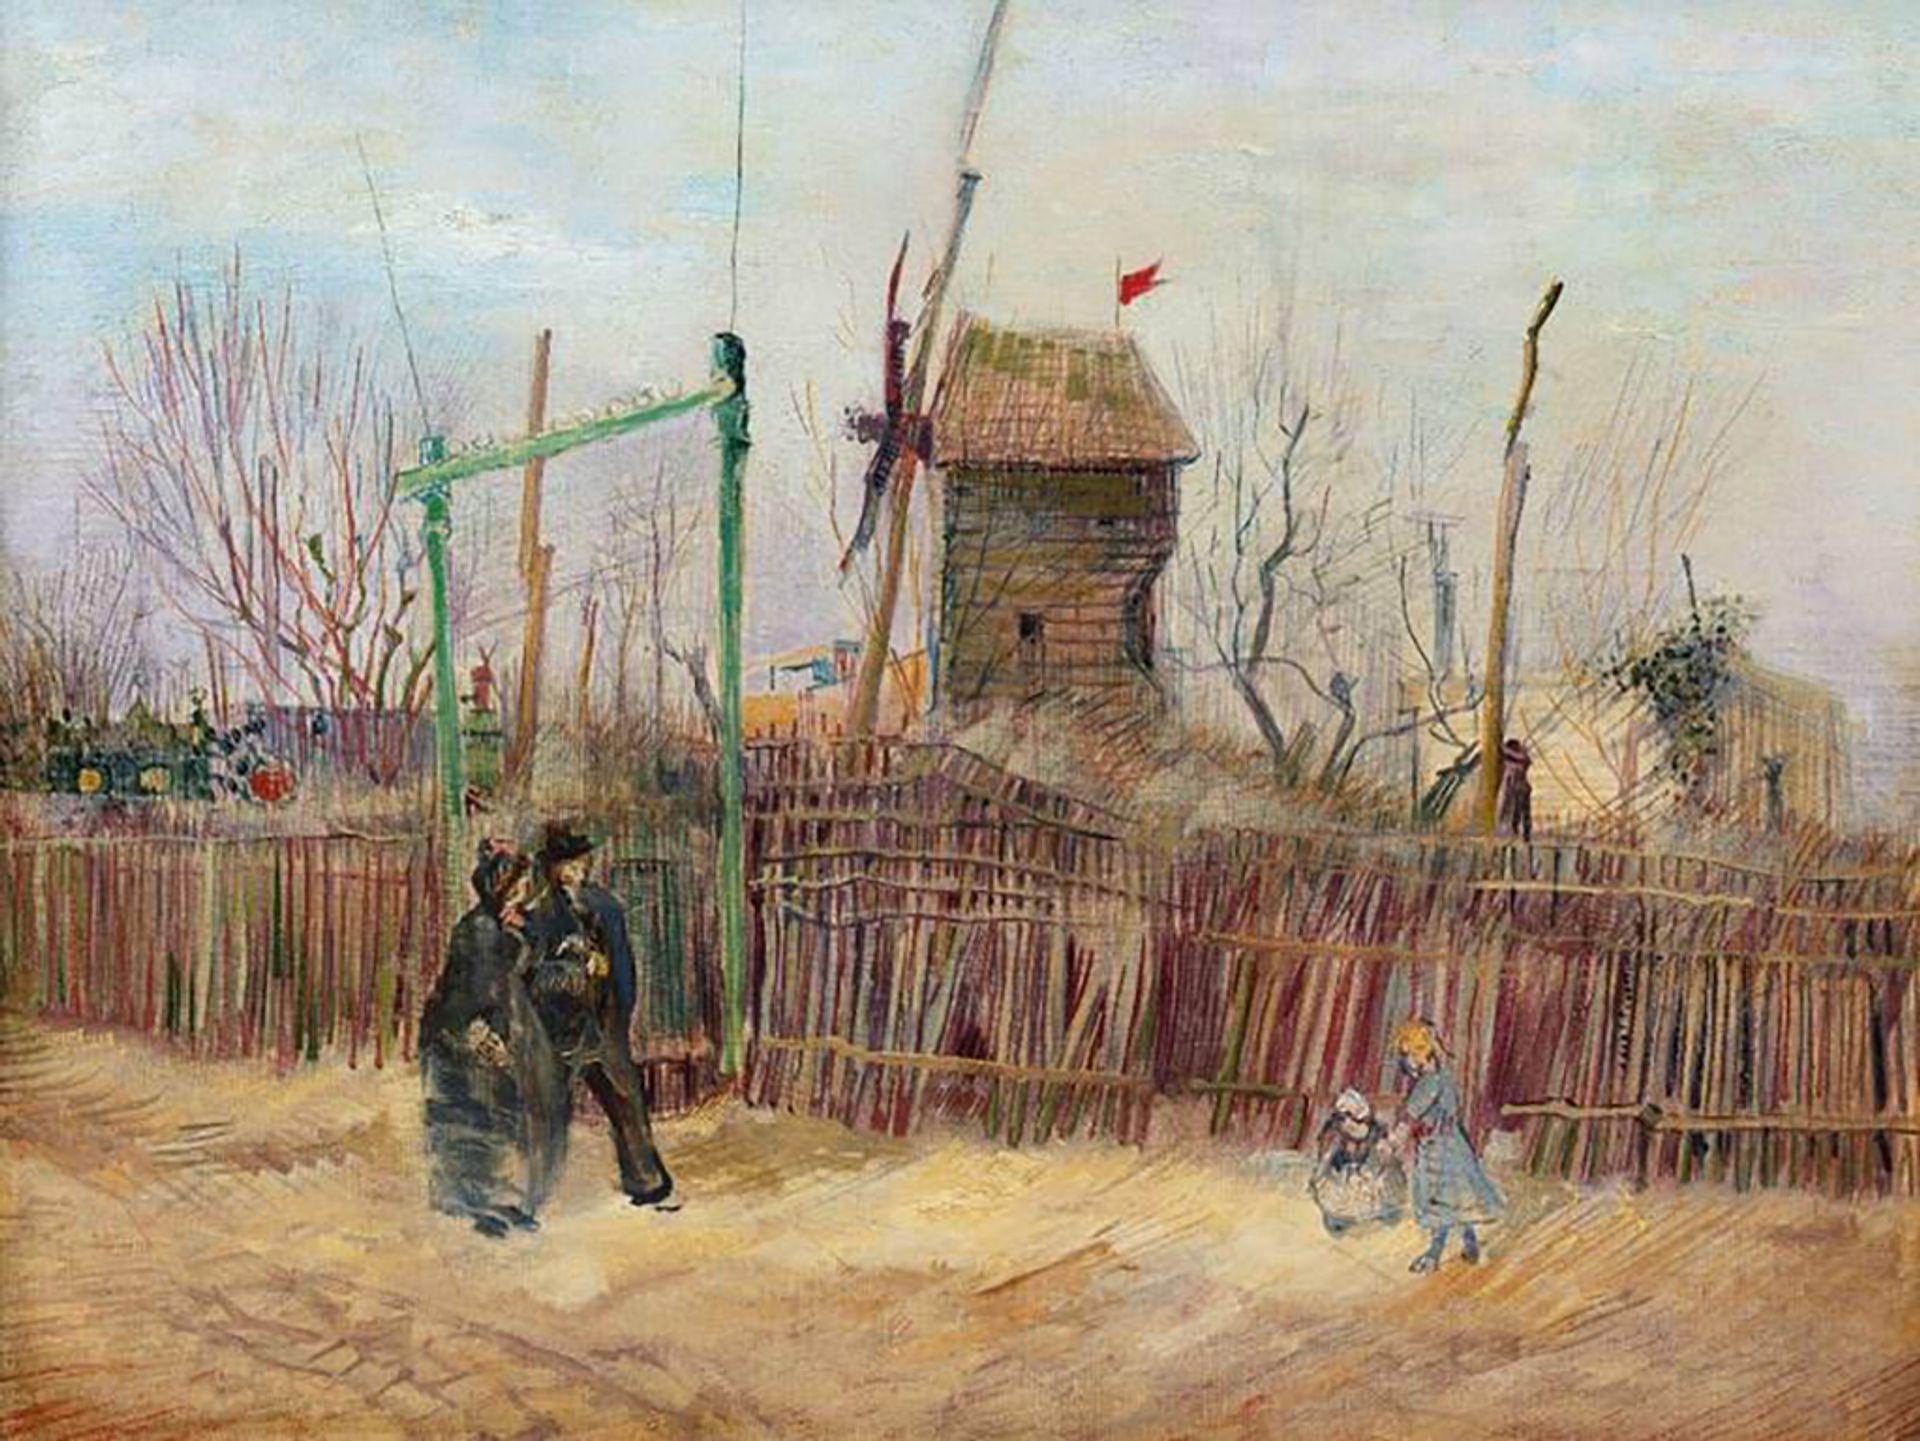 Van Gogh's Scène de rue à Montmartre (Impasse des deux frères et le Moulin à Poivre) from 1887 will go on the block next month Courtesy of Sotheby's and Mirabaud Mercier